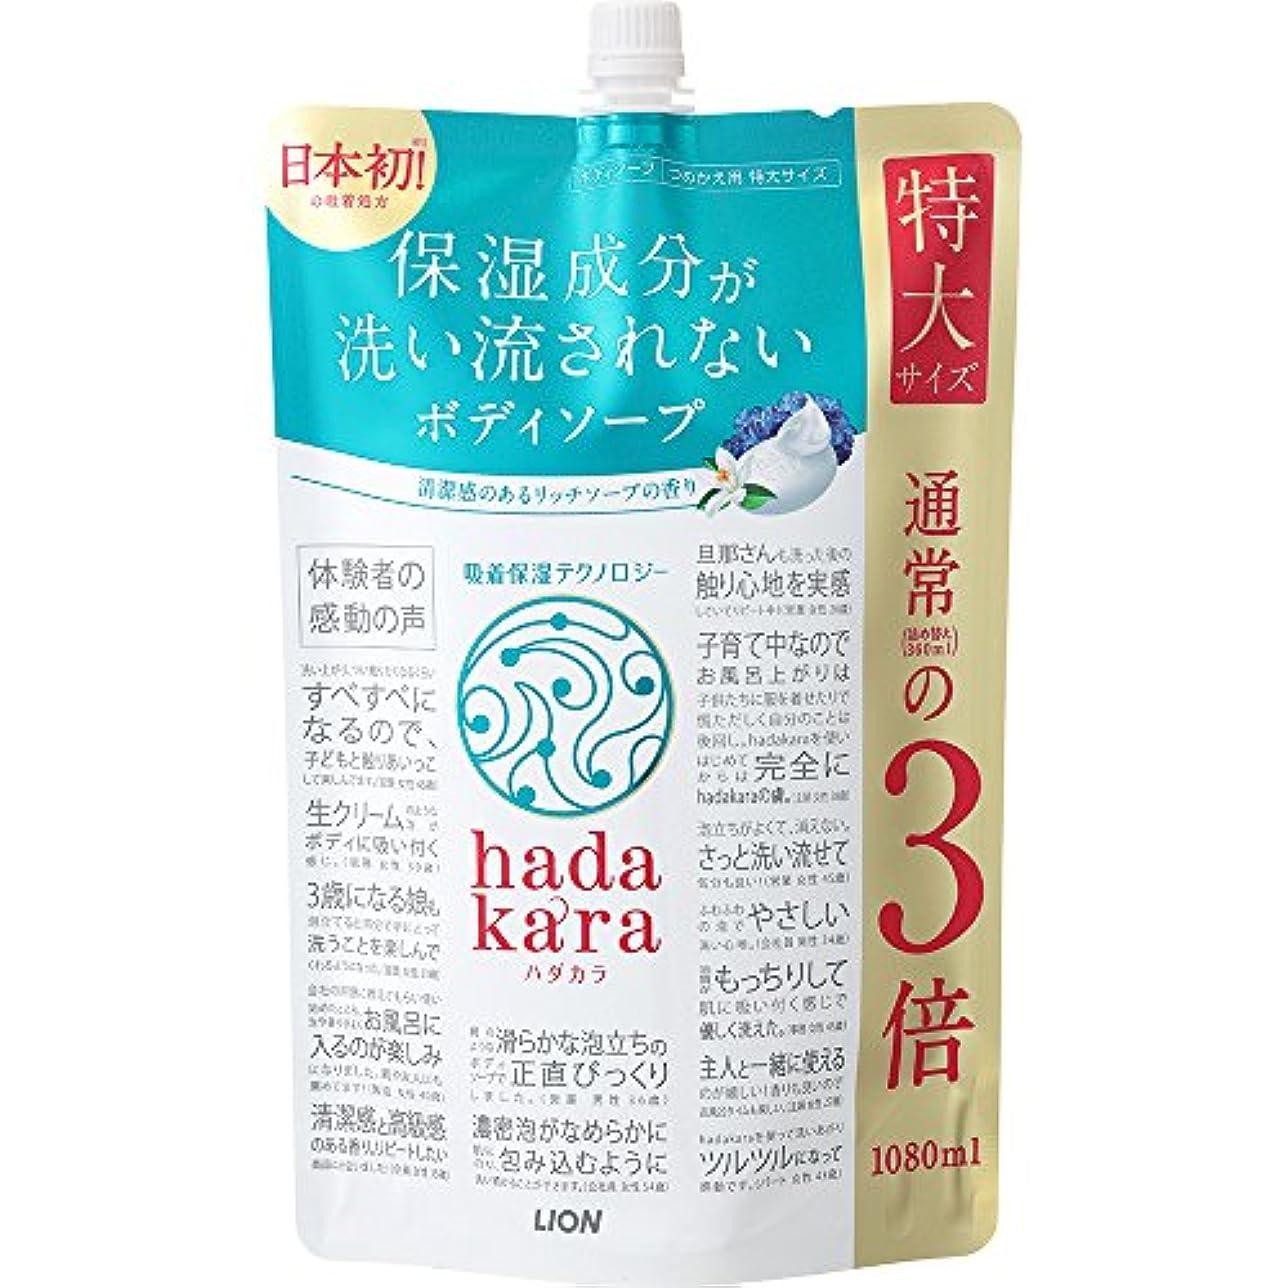 【大容量】hadakara(ハダカラ) ボディソープ リッチソープの香り 詰め替え 特大 1080ml